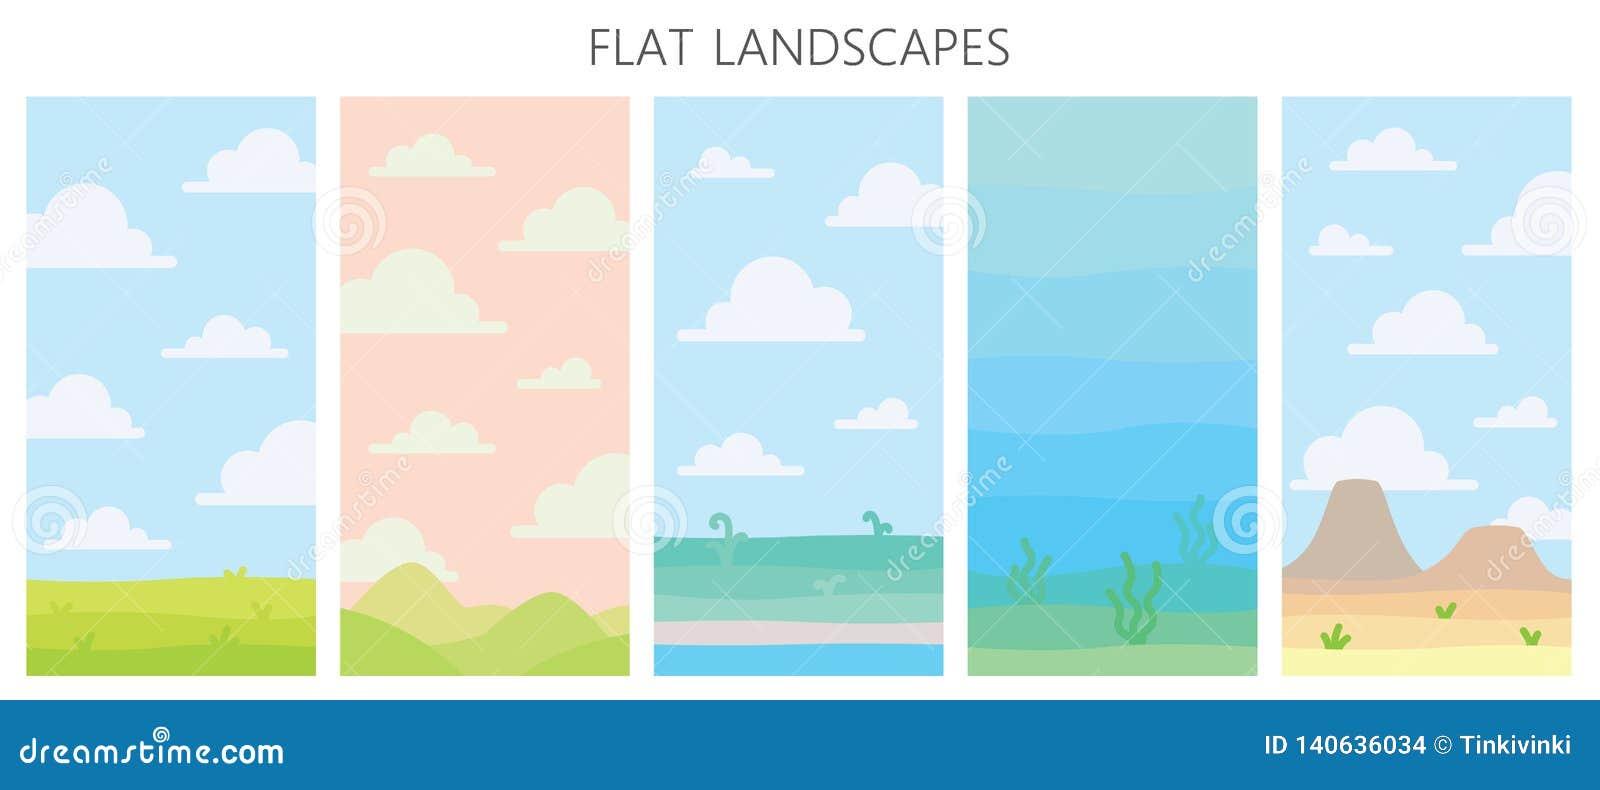 Zachte aardlandschappen Woestijn met bergen, groen de zomergebied, kust met installaties, onderwatermening met zeewier